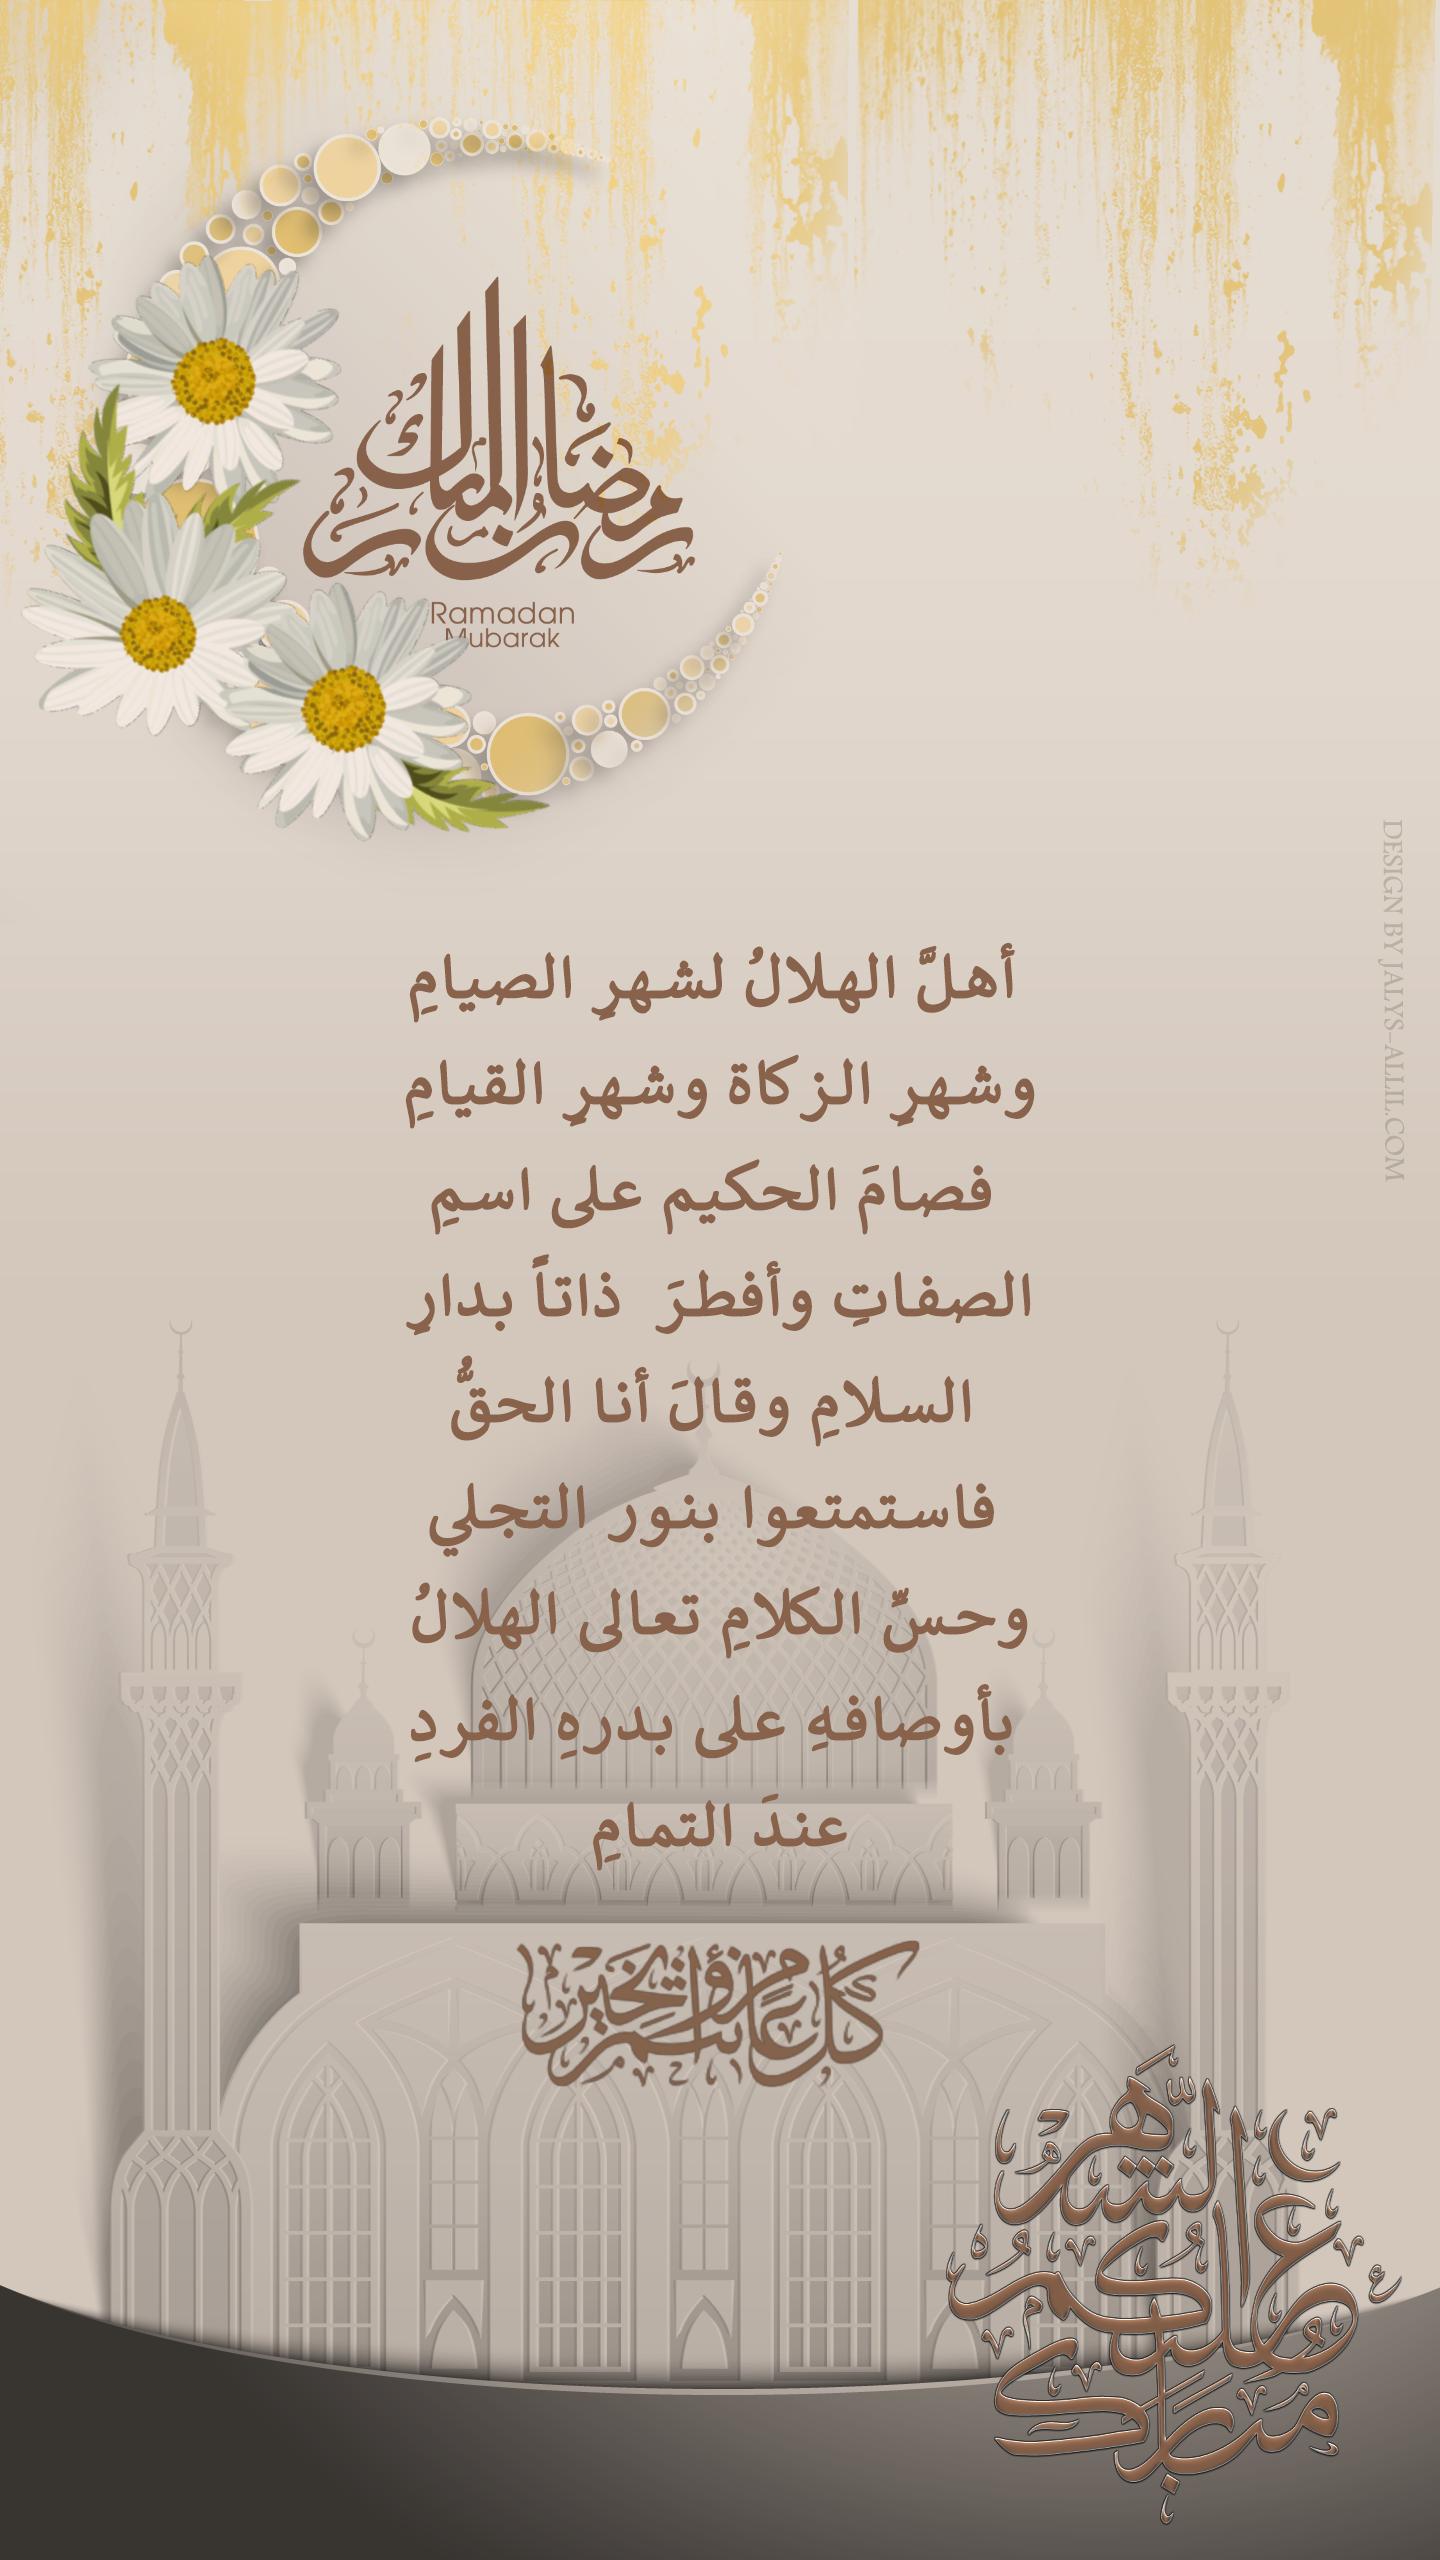 بطاقة تهنيئة بشهر رمضان المبارك لعام 1441-2020